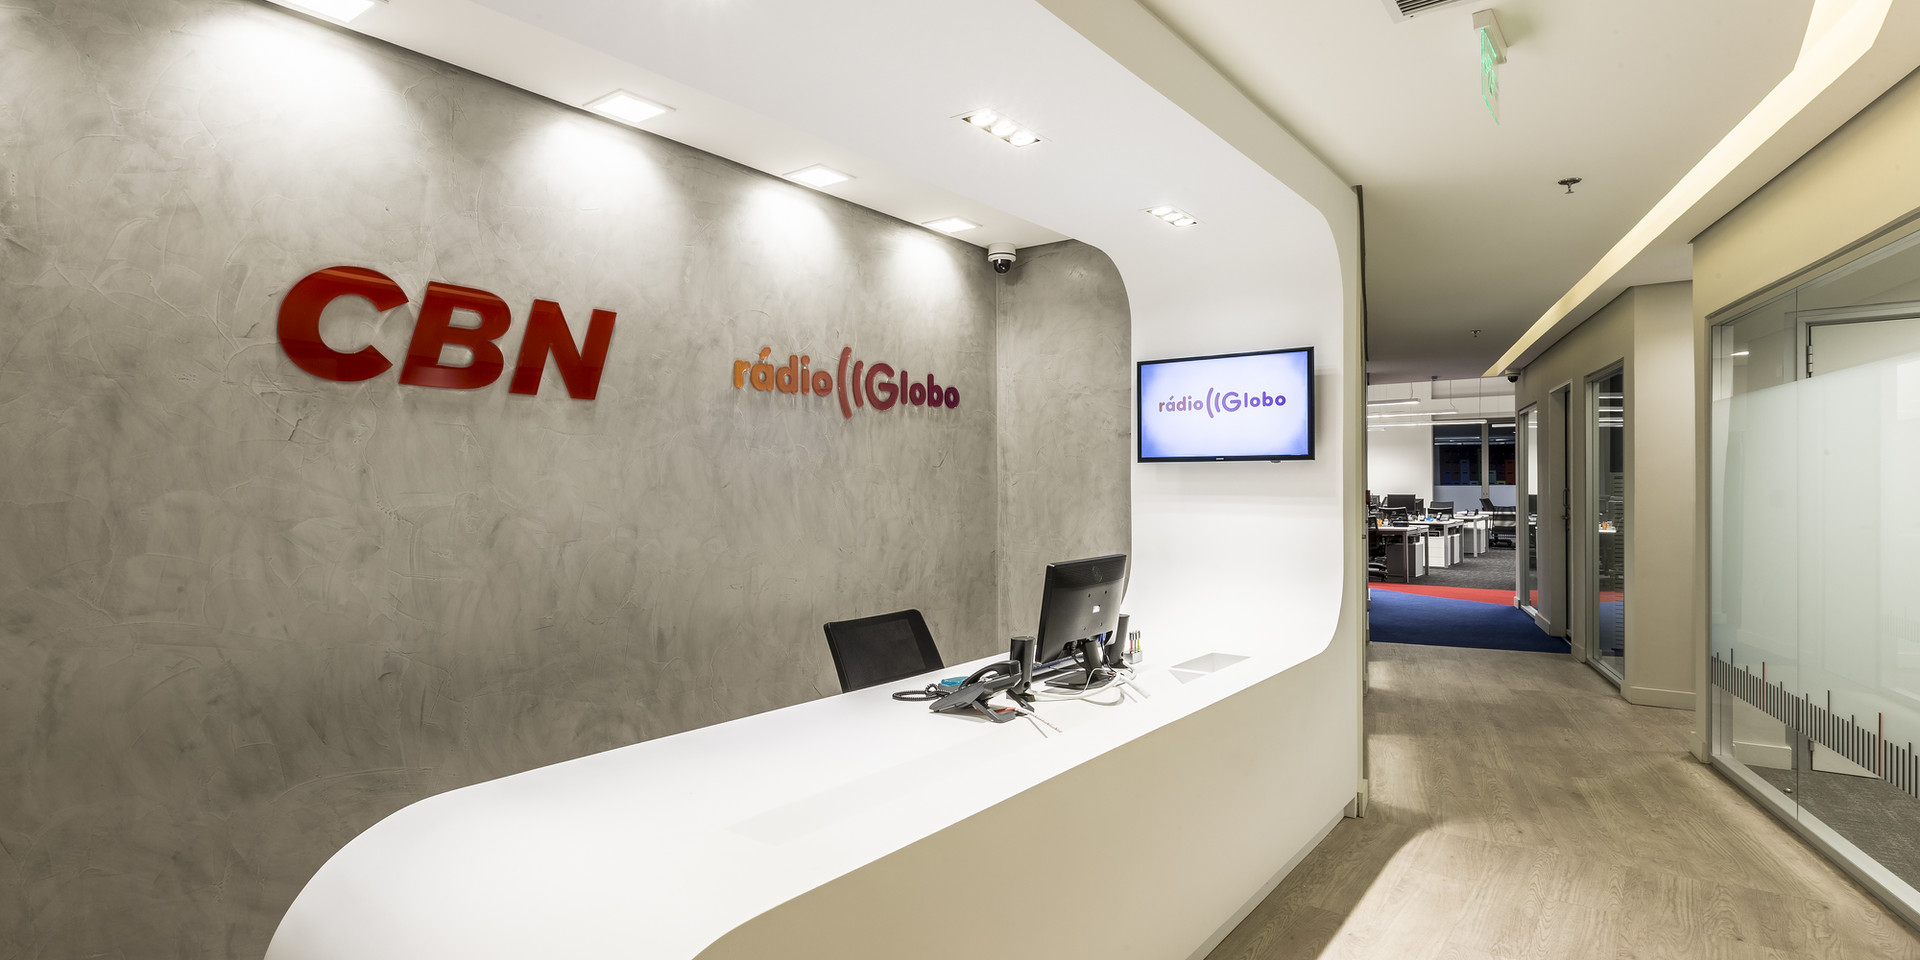 Rádio Globo CBN